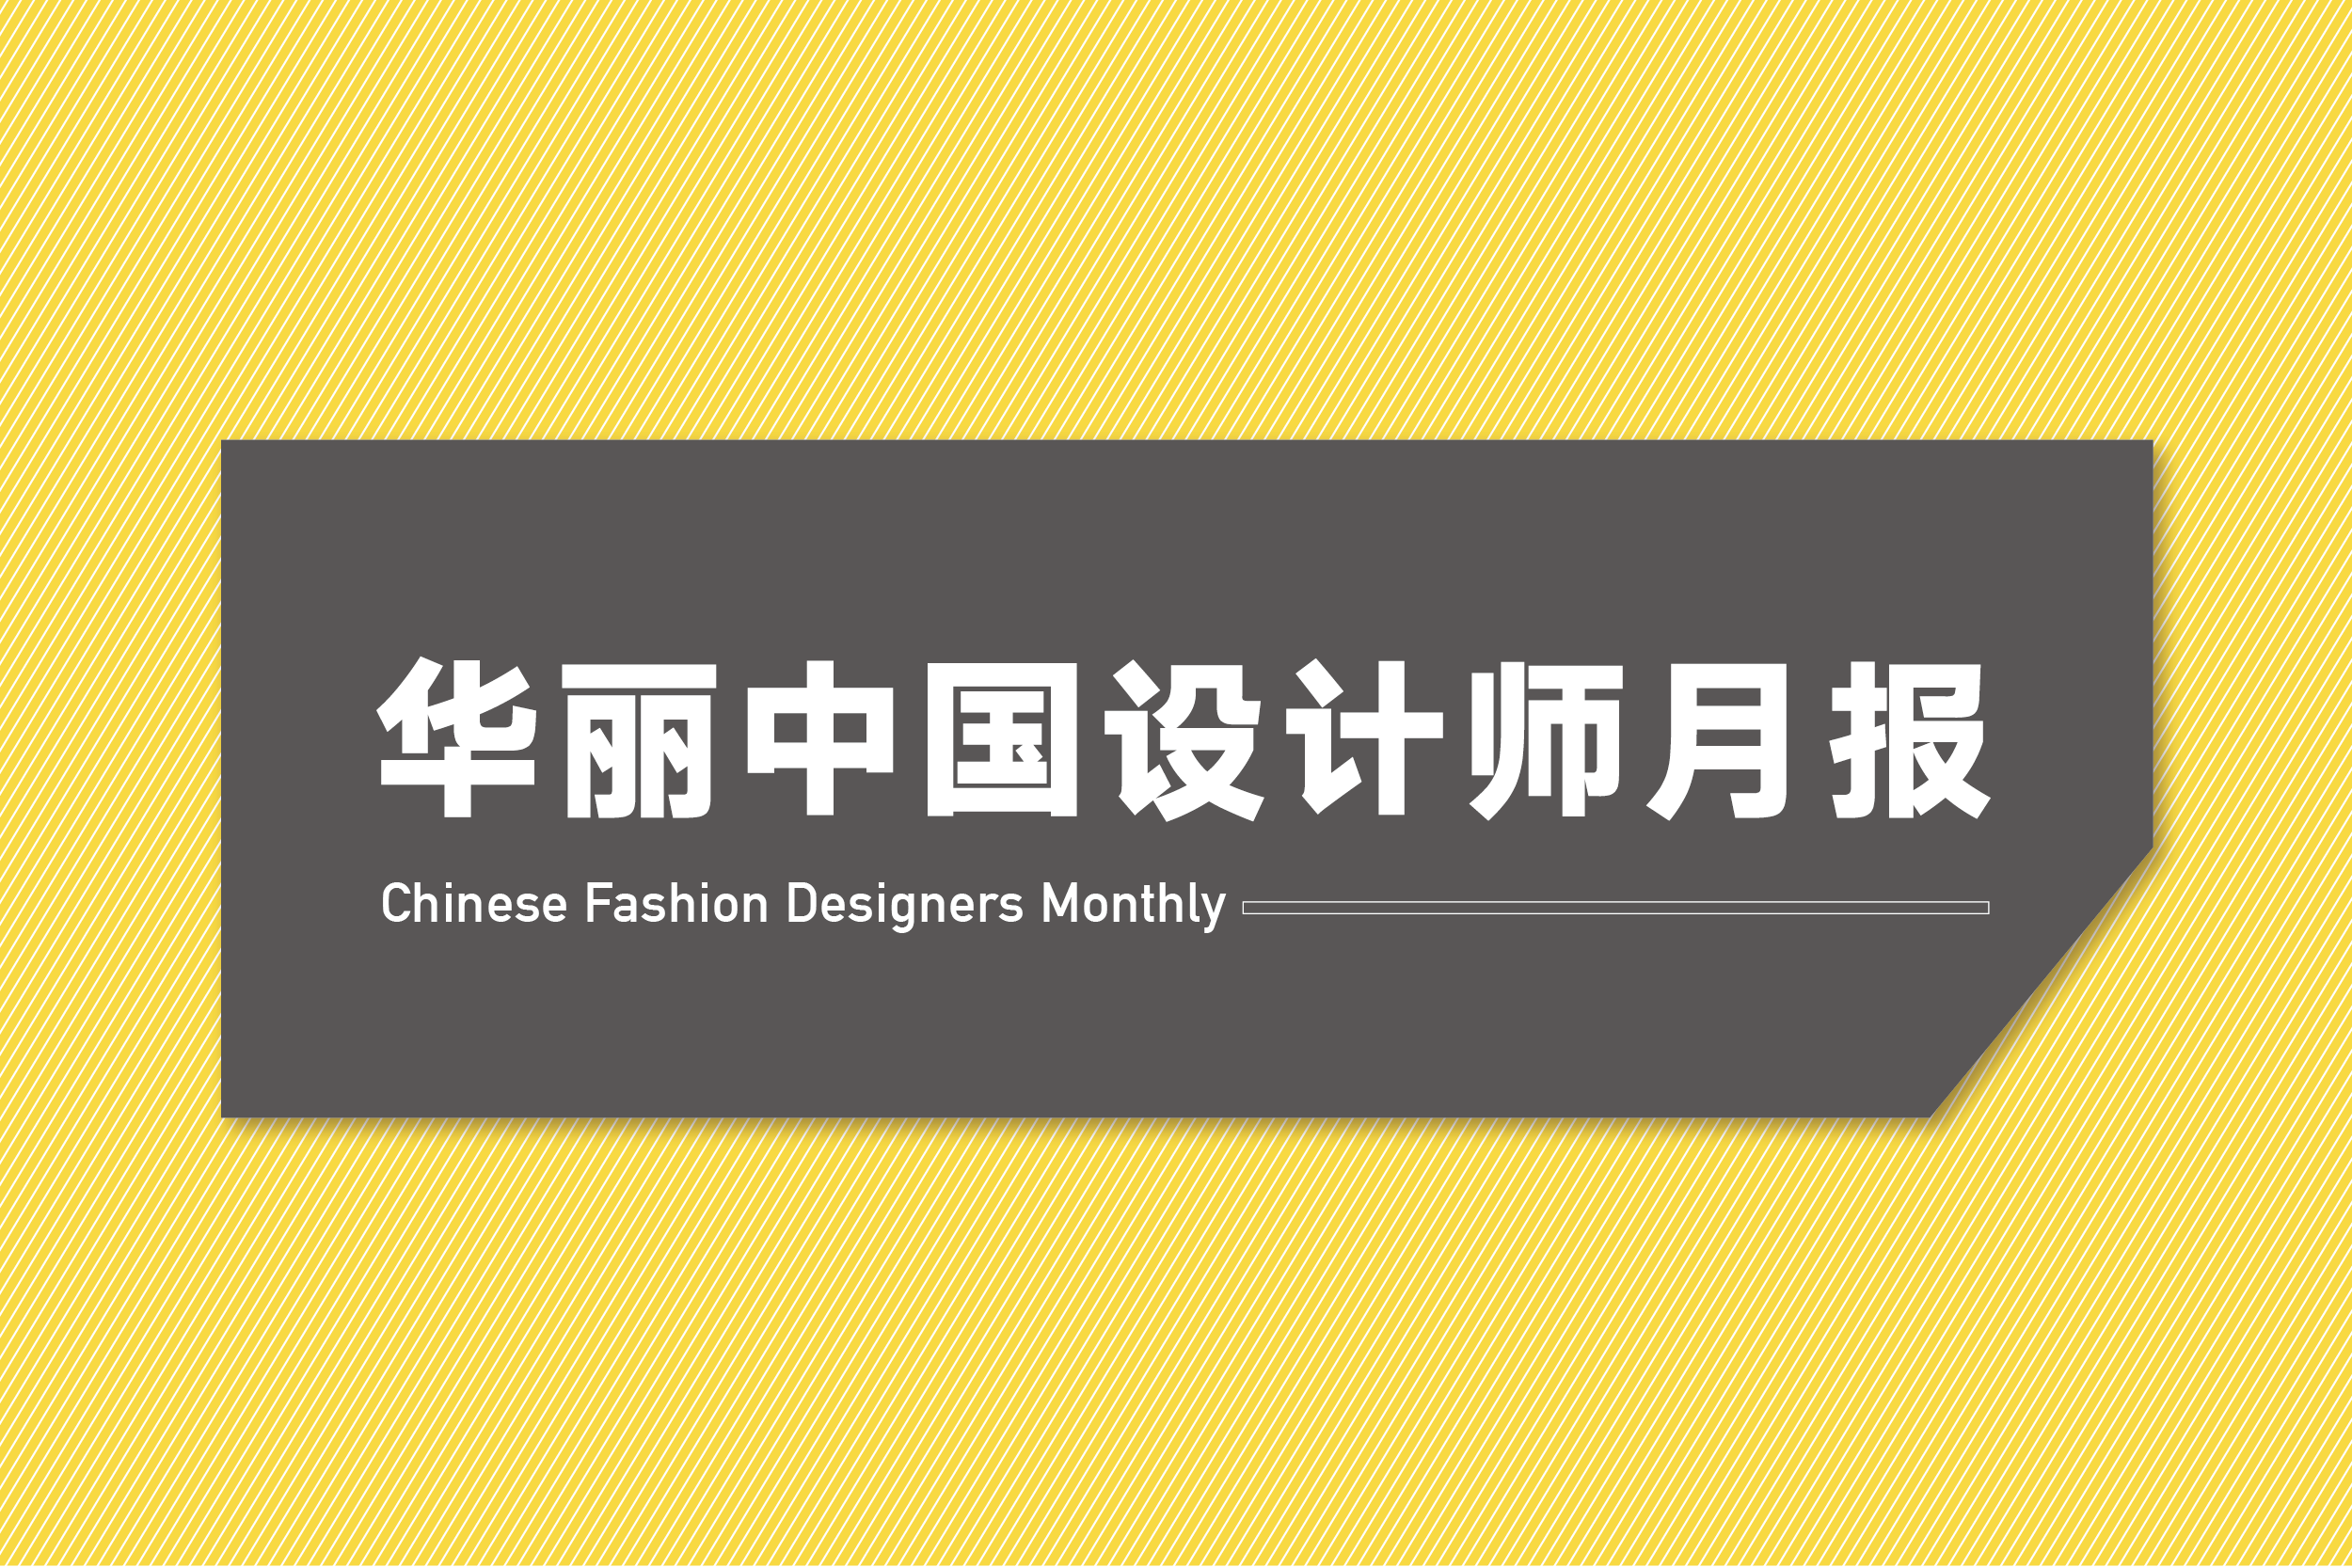 关键词:直营店拓展、国际时装周、融资 | 华丽志设计师月报 6月